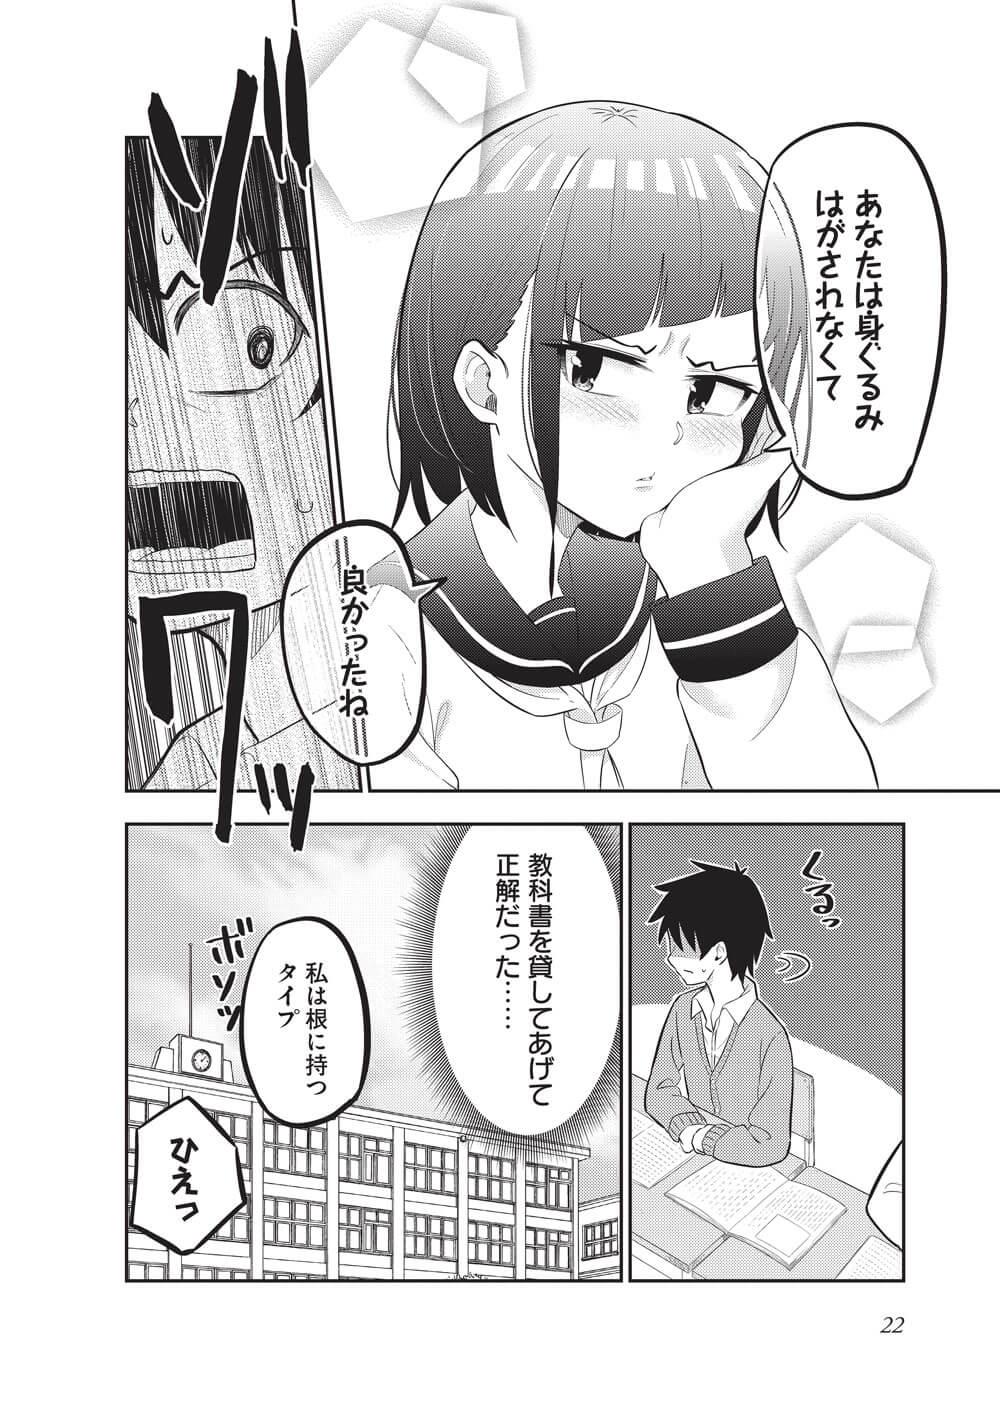 クラスメイトの田中さんはすごく怖い-2-4